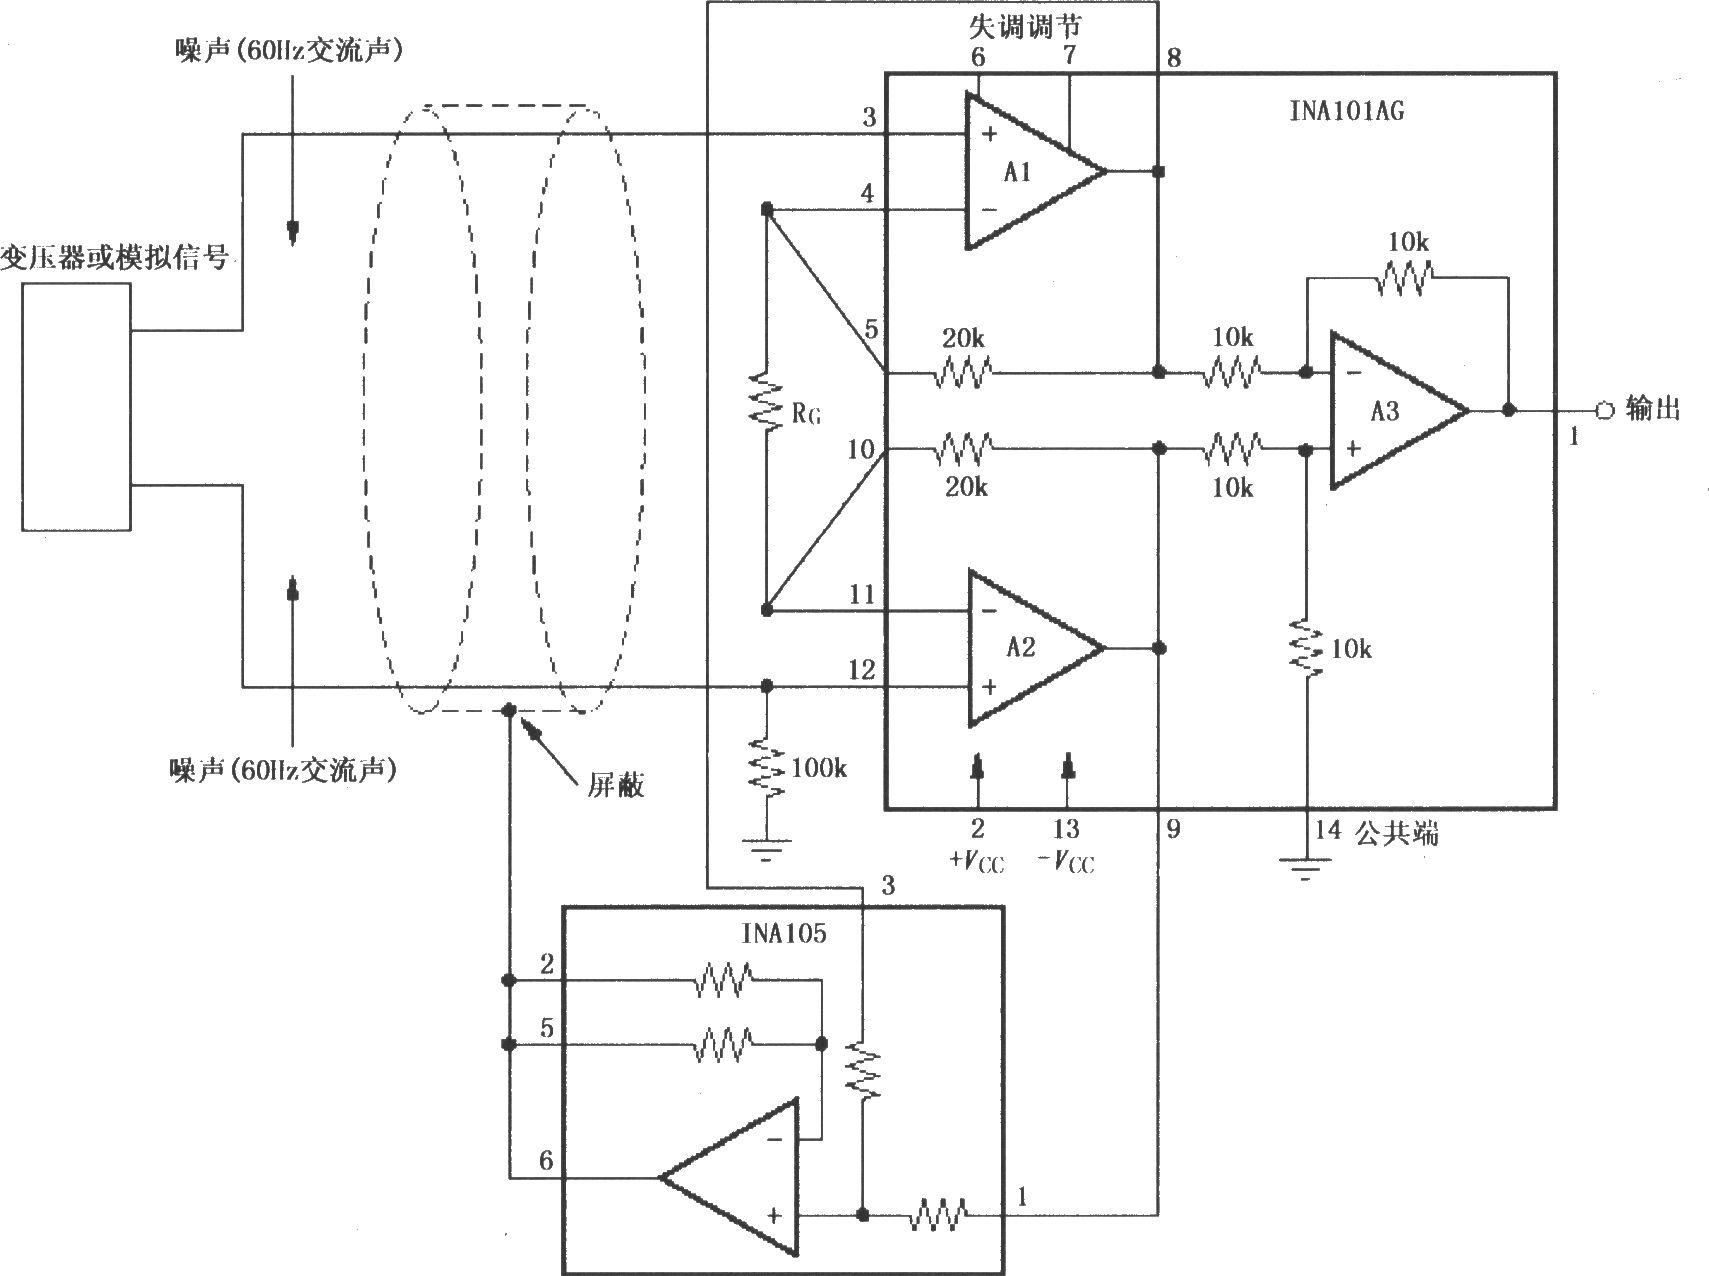 如图所示为仪表放大器屏蔽层驱动产生器。由抗干扰理论与实践证明,传输弱信号的电缆线的屏蔽层加上一定电位时,将大大减小由屏蔽层与芯线之间分布电容耦合引入的干扰。图中电路便是基于这种考虑,用INA105构成屏蔽层驱动产生器,输入信号来自于仪表放大器内部运放输出,叠加后INA105输出加到屏蔽层,即屏蔽层电位被抬高到仪表放大器内部运放输出的电位,从而使电缆线上的干扰大大减小。